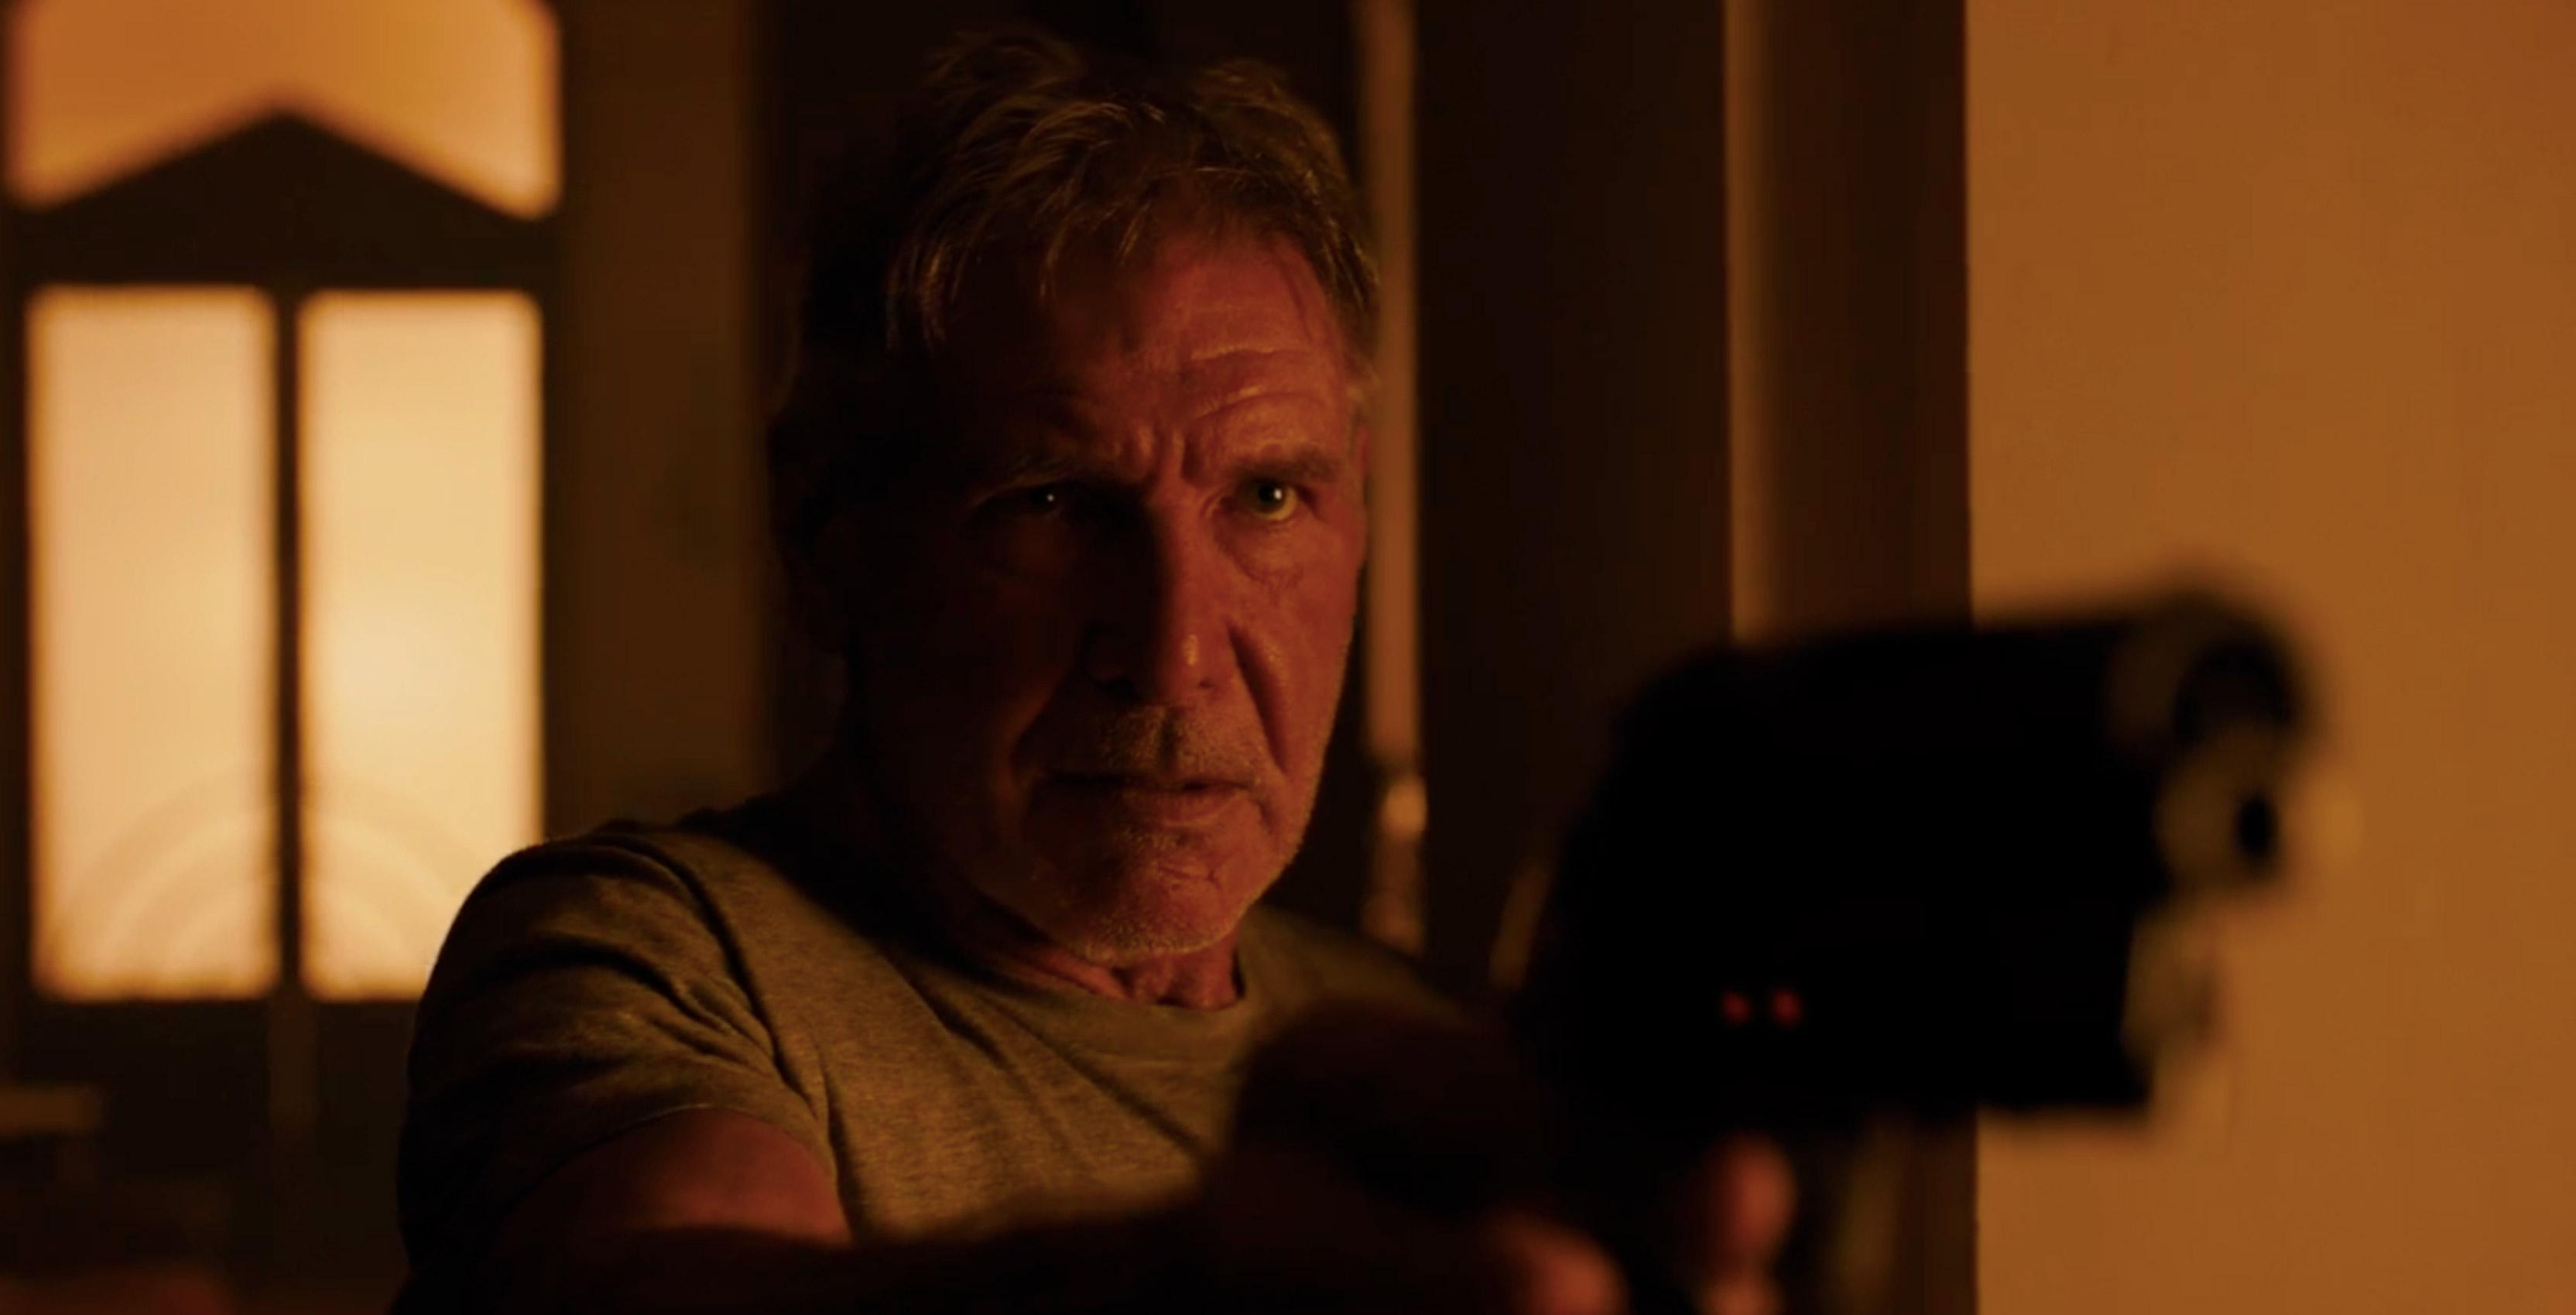 Harrison Ford in Blade Runner 2048